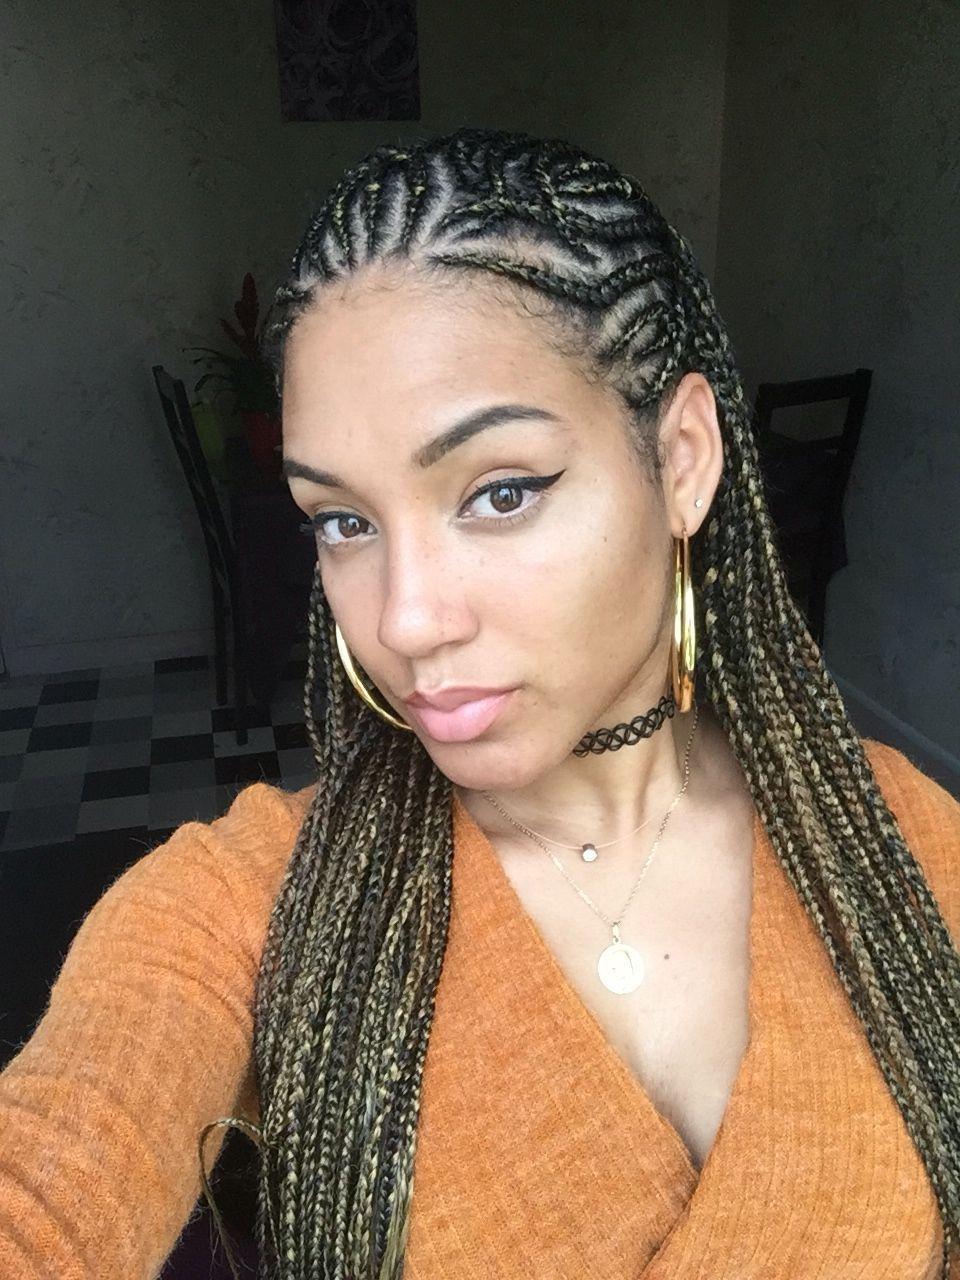 Alicia Keys Inspired Look Cornrows Braids Weavehairstyleslong In 2020 Braids Hairstyles Pictures Hair Styles Braided Hairstyles